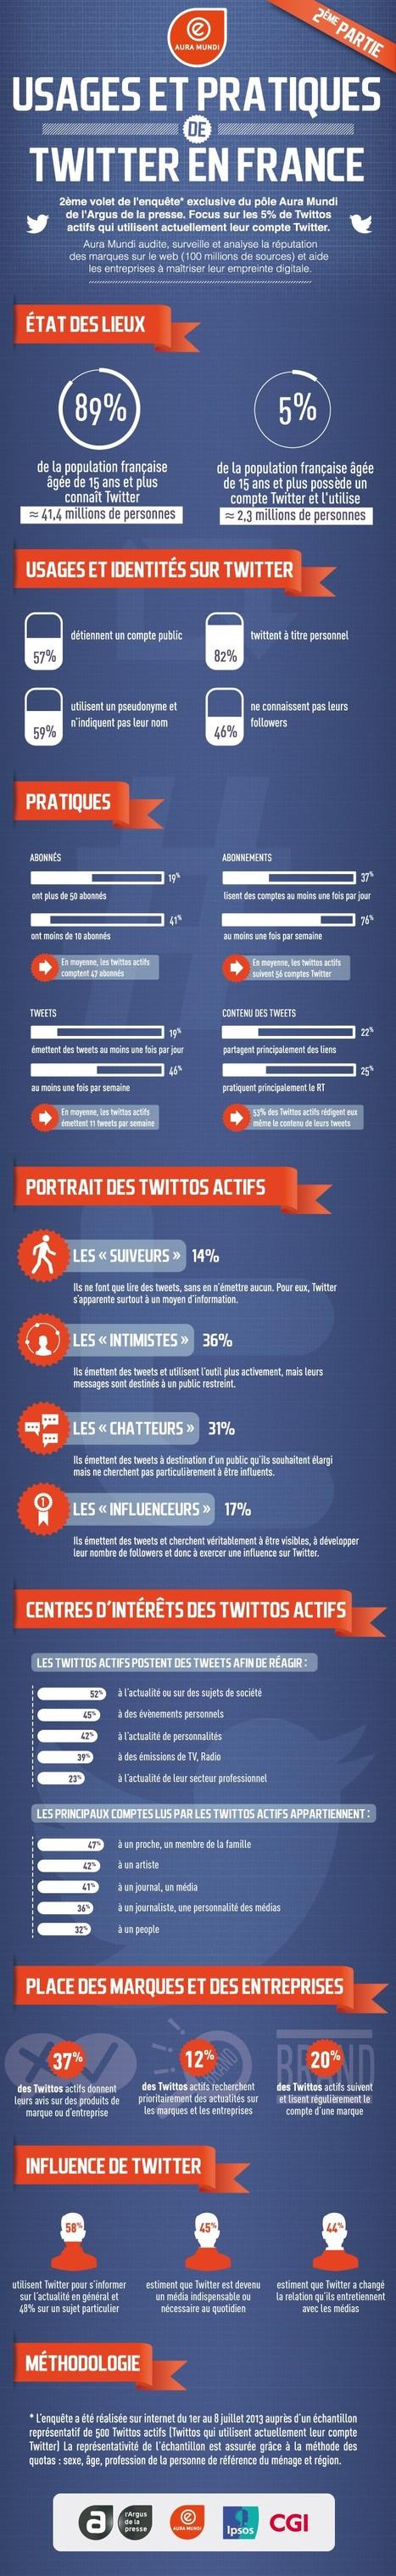 Usages et pratiques de Twitter en France: Focus sur les Twittos actifs | Le métier de community manager | Scoop.it